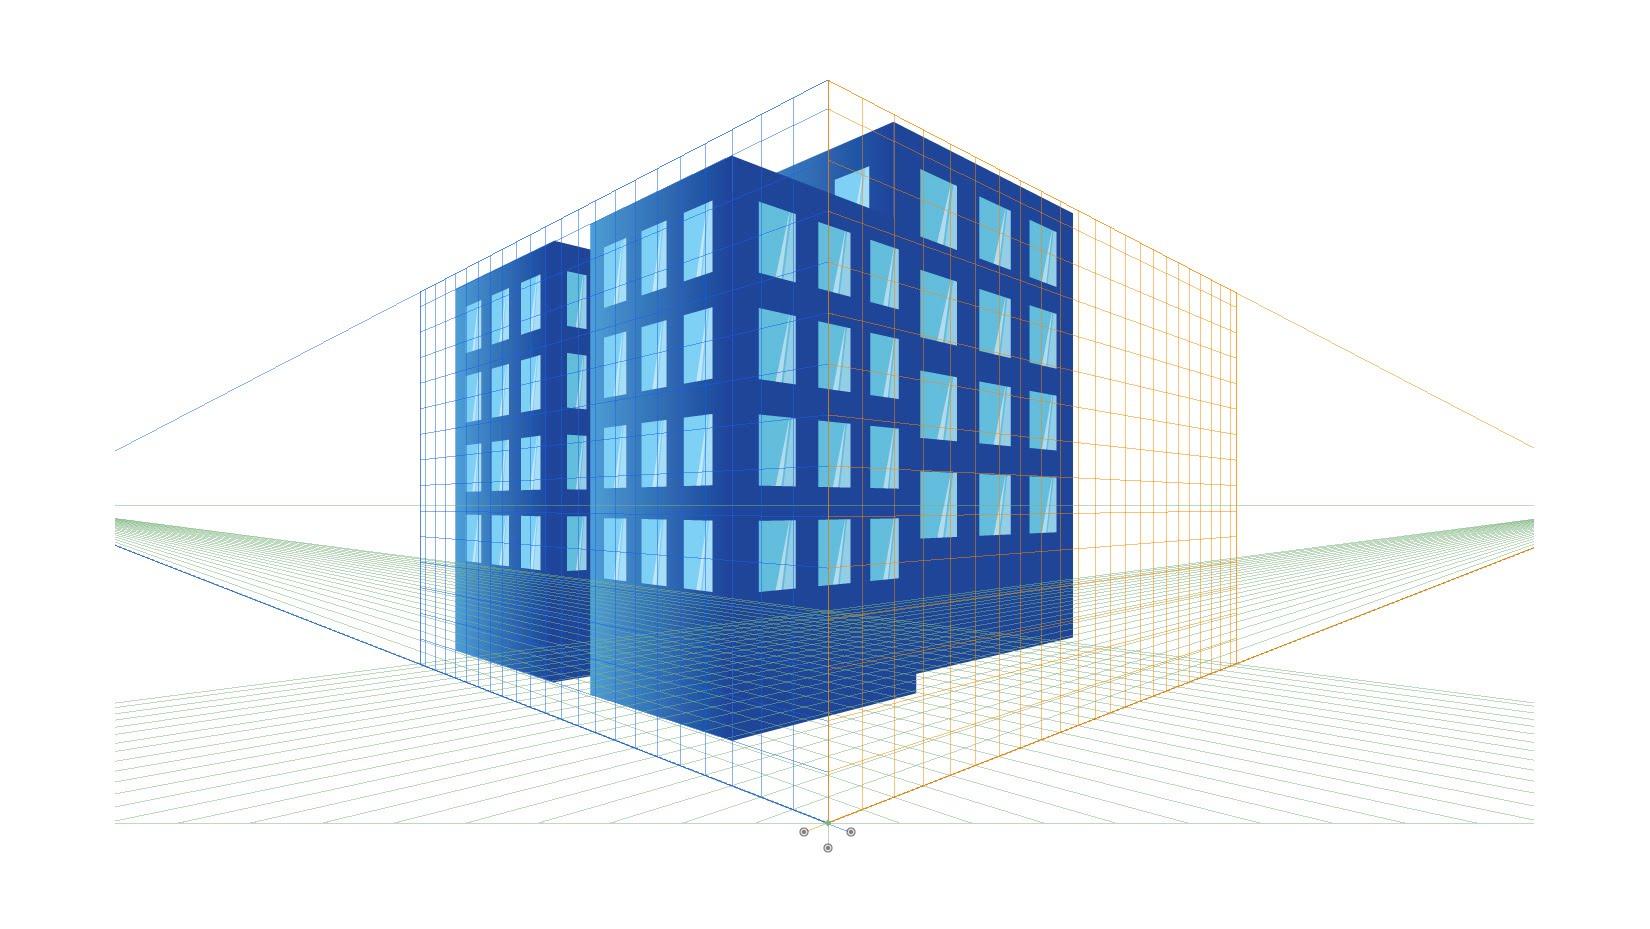 Modele Batiment En Perspective : Le label bbca entre en vigueur aujourd hui immobilier